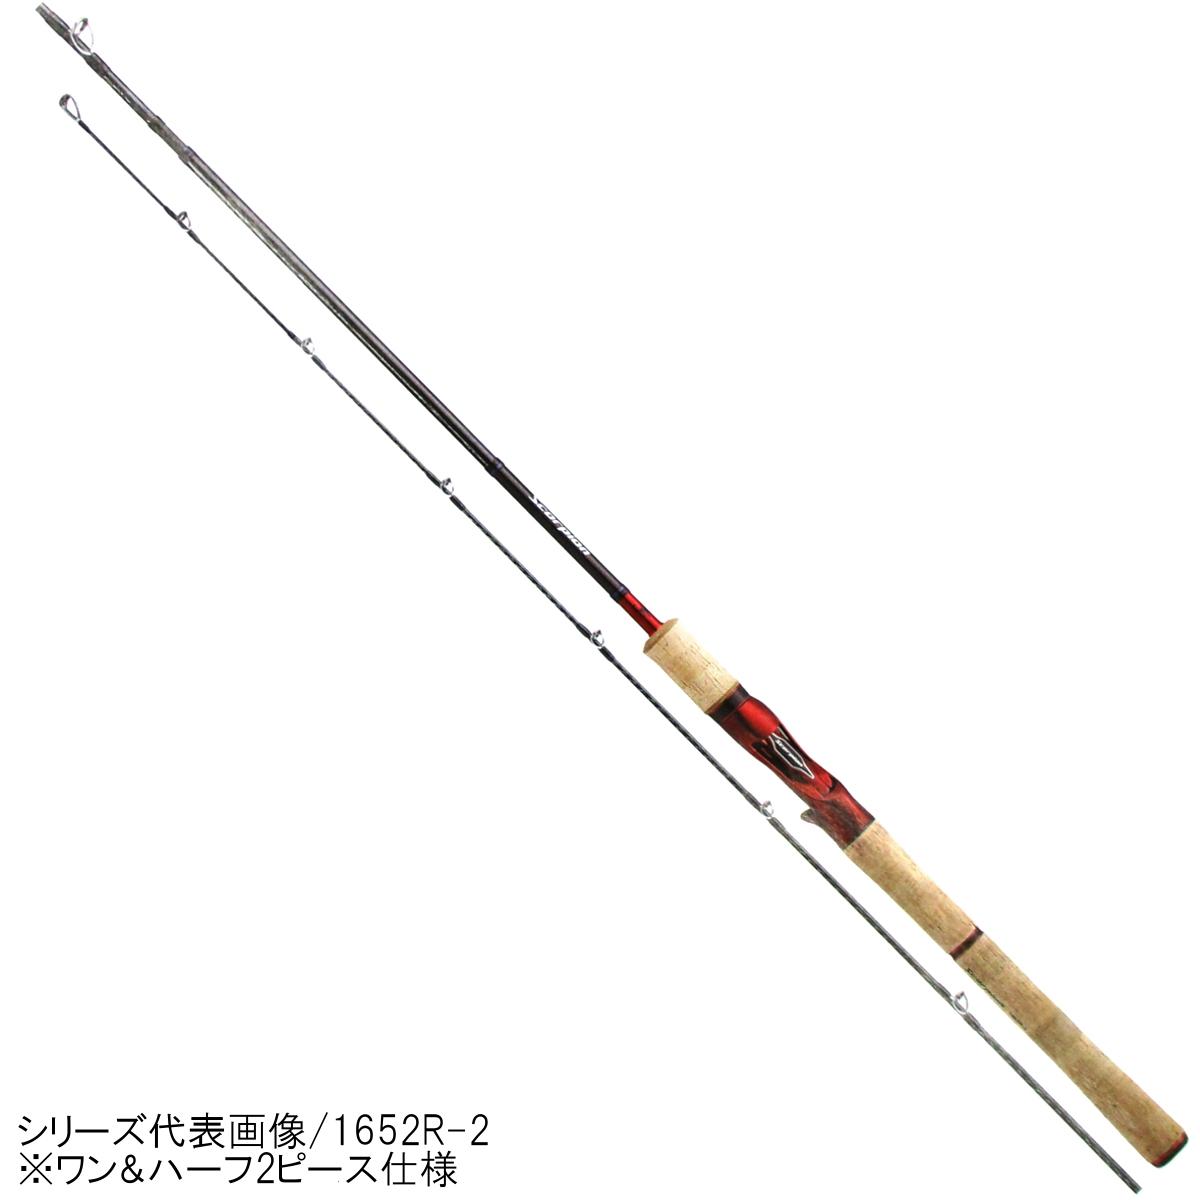 スコーピオン ワン&ハーフ2ピース ベイトキャスティングモデル 1653RS-2(バスロッド) シマノ【同梱不可】